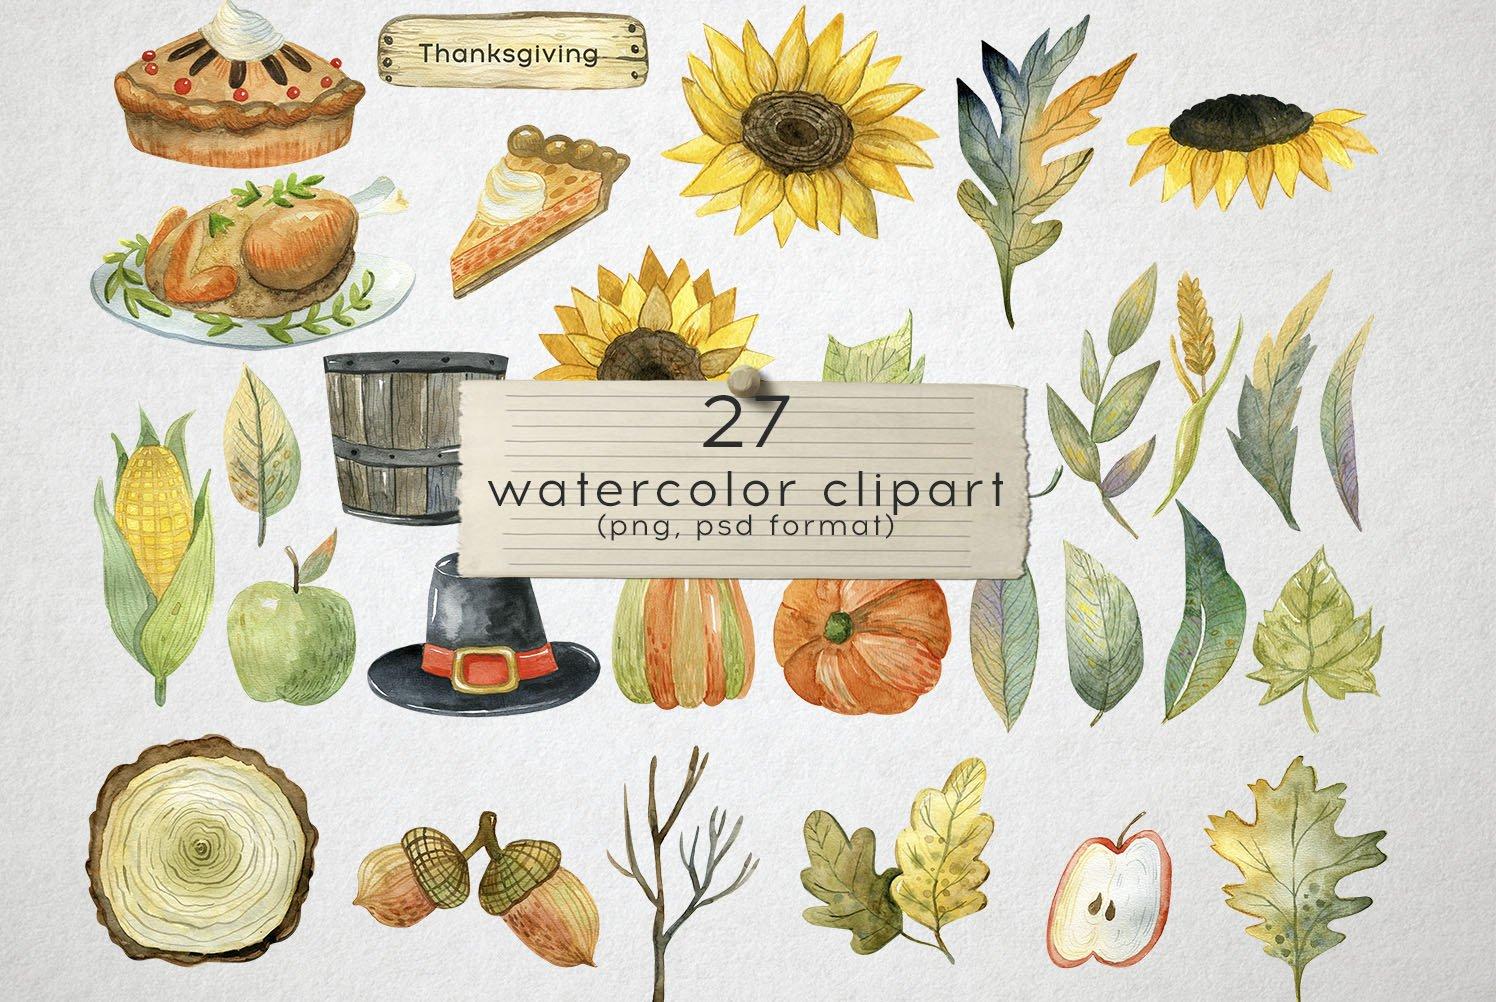 复古手绘秋季感恩节元素水彩插图素材 Watercolor Thanksgiving Day插图(1)